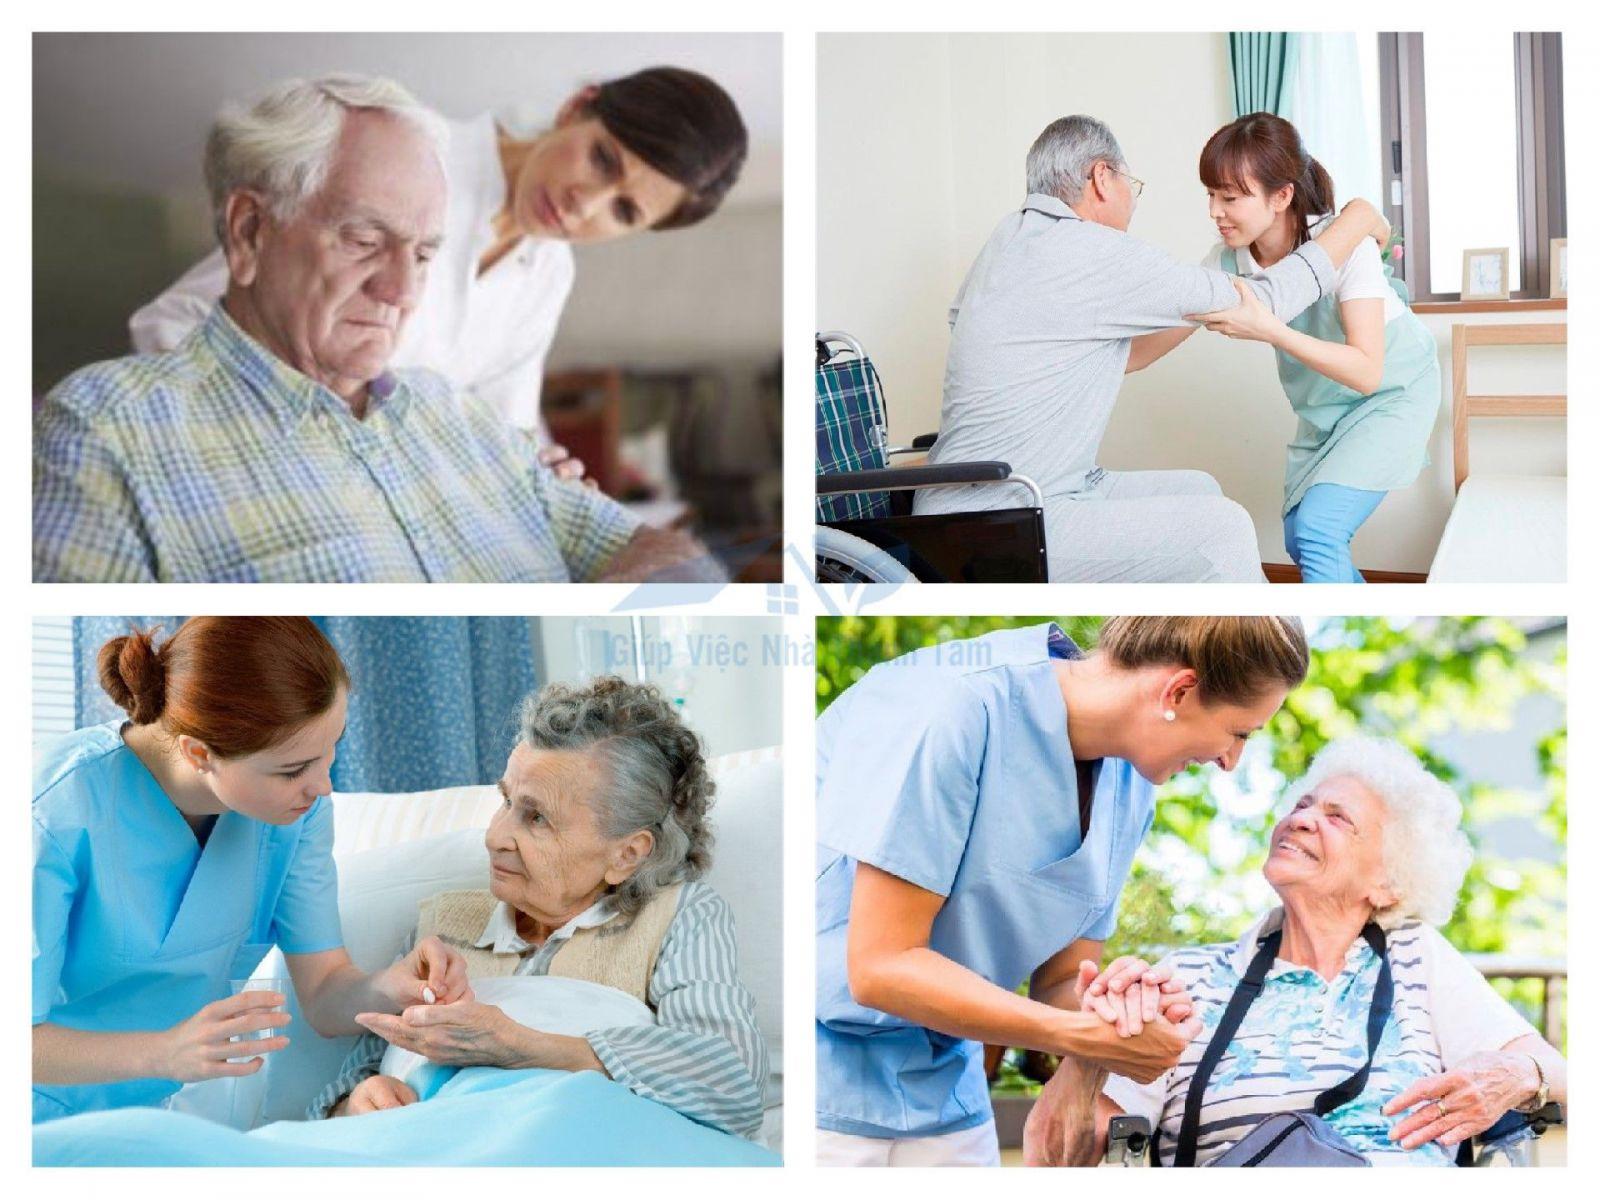 Dịch vụ chăm sóc người già, nuôi bệnh nhân quận Tân Bình